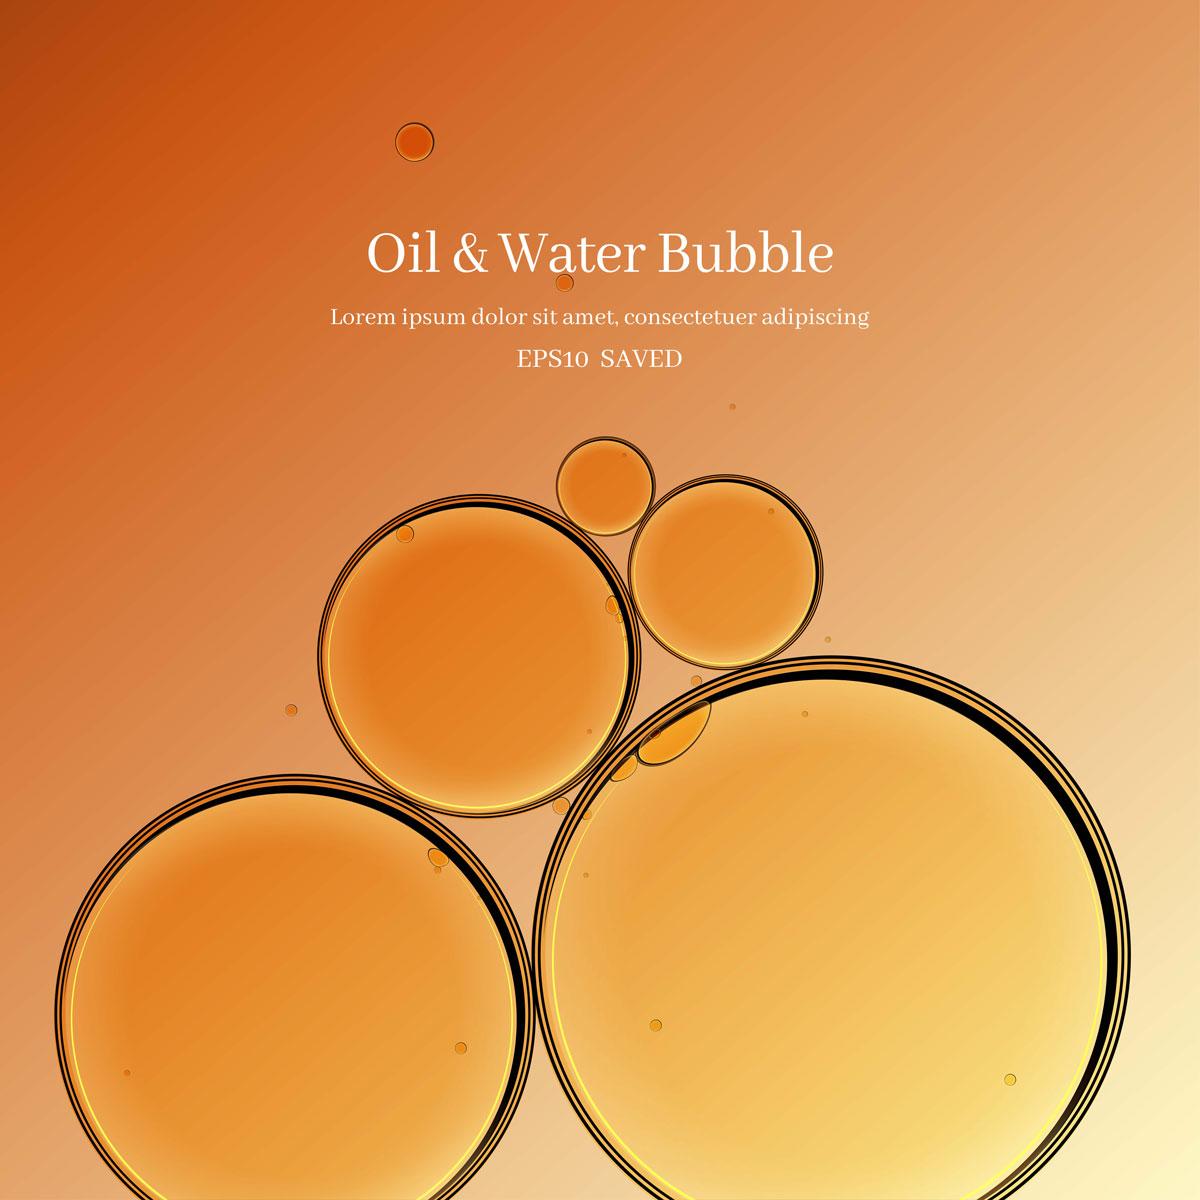 14款油脂液体水滴气泡海报设计AI矢量素材 Water Drop Bubble Vector Material插图1